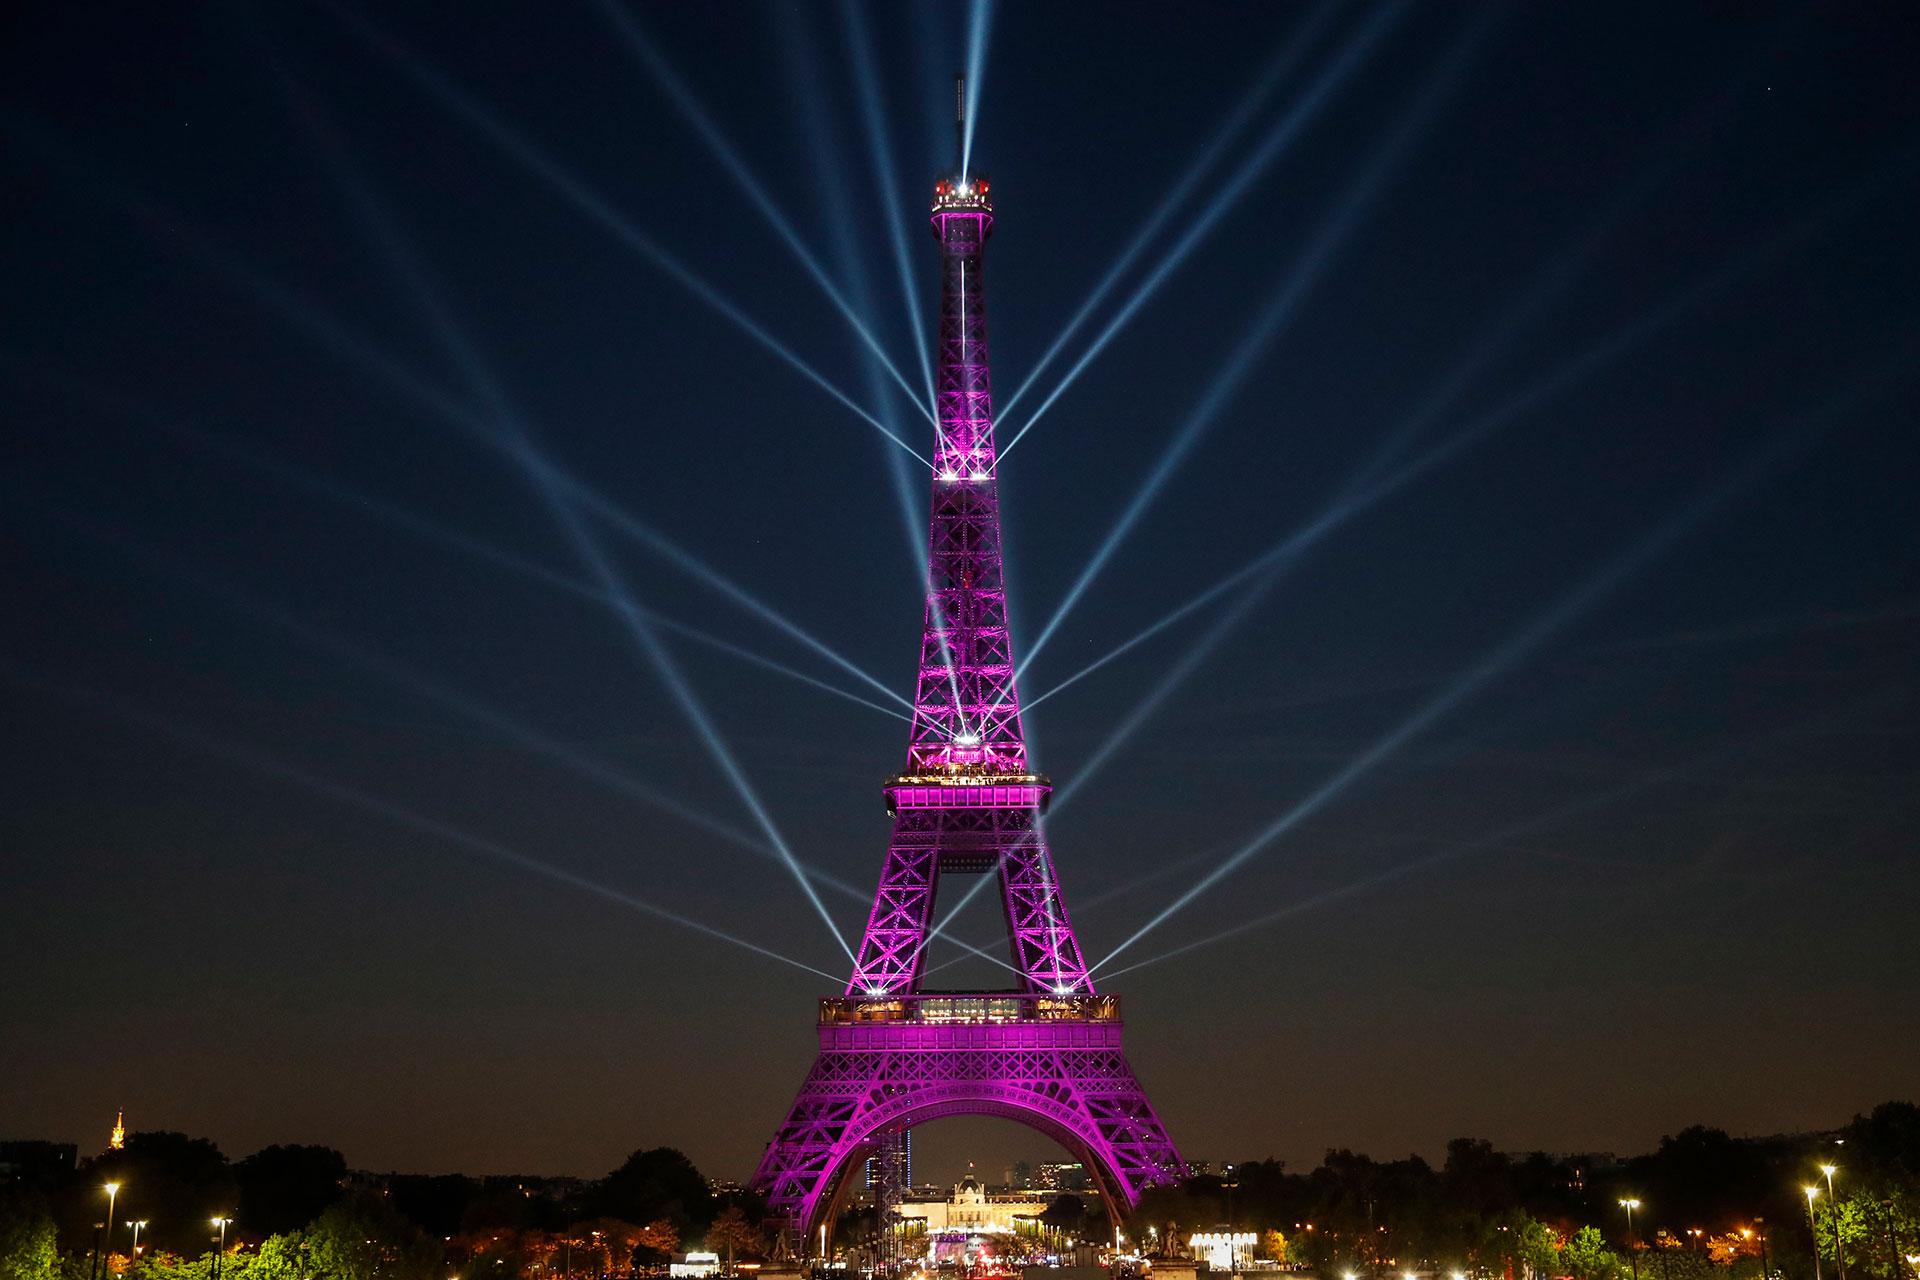 La torre fue completada en 2 años, 2 meses y 5 días por 250 obreros e inaugurada el 31 de marzo de 1889.